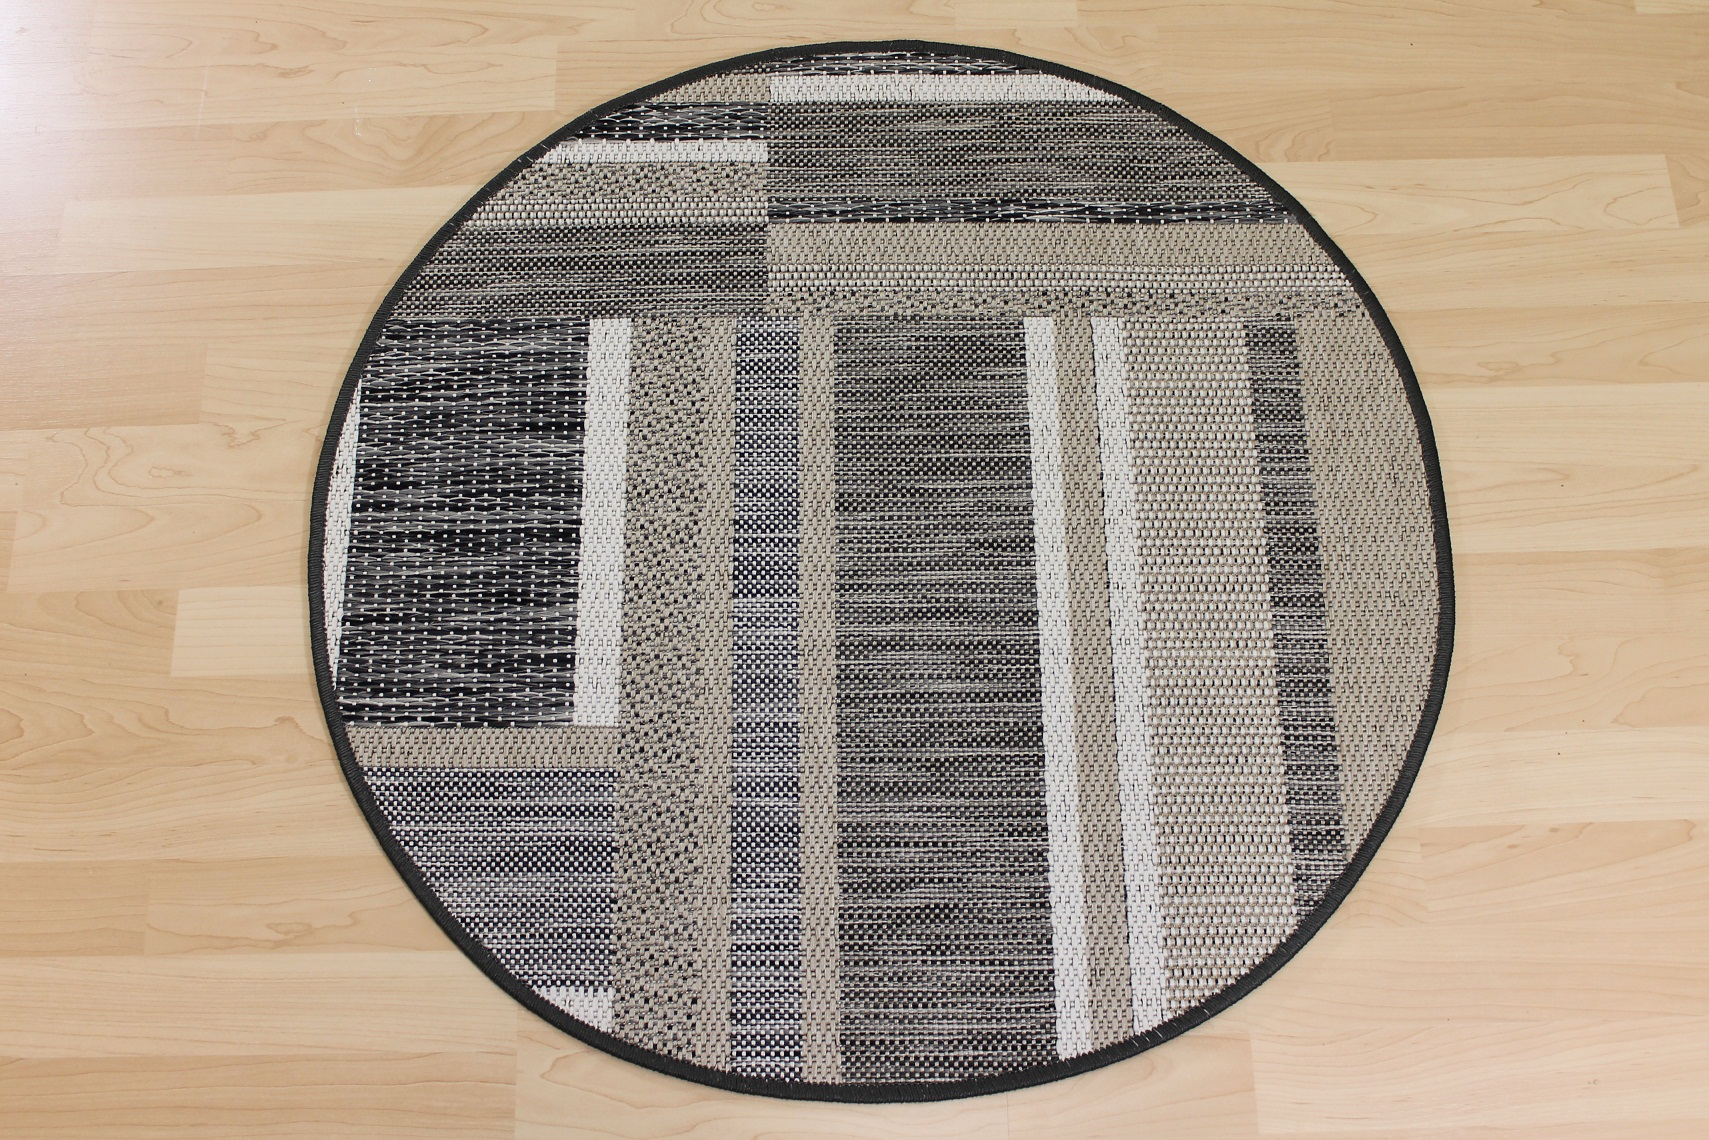 teppichkiste sisal optik teppich naturino rund beige. Black Bedroom Furniture Sets. Home Design Ideas